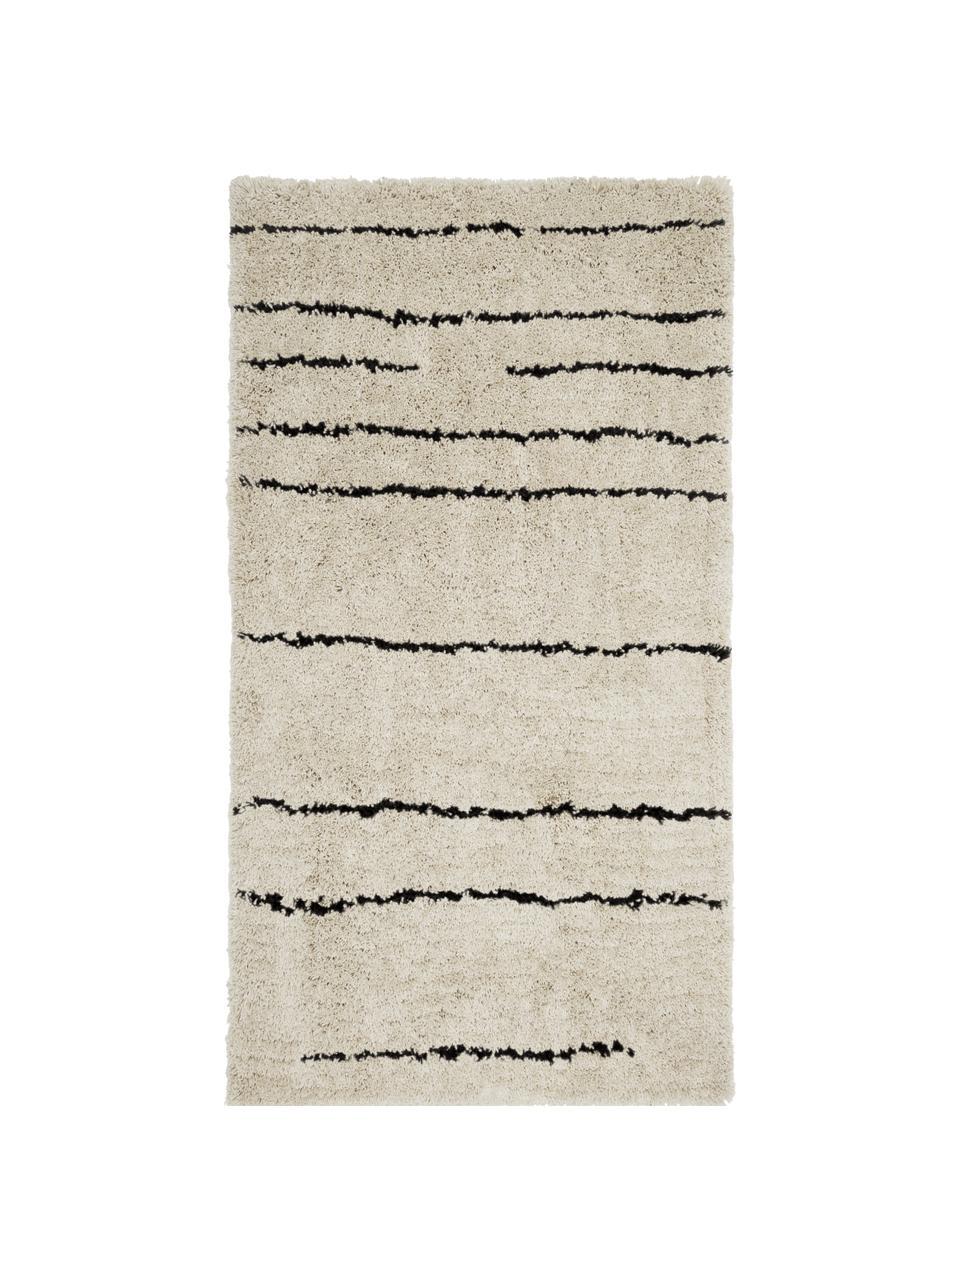 Puszysty ręcznie tuftowany dywan z wysokim stosem Dunya, Beżowy, czarny, S 200 x D 300 cm (Rozmiar L)